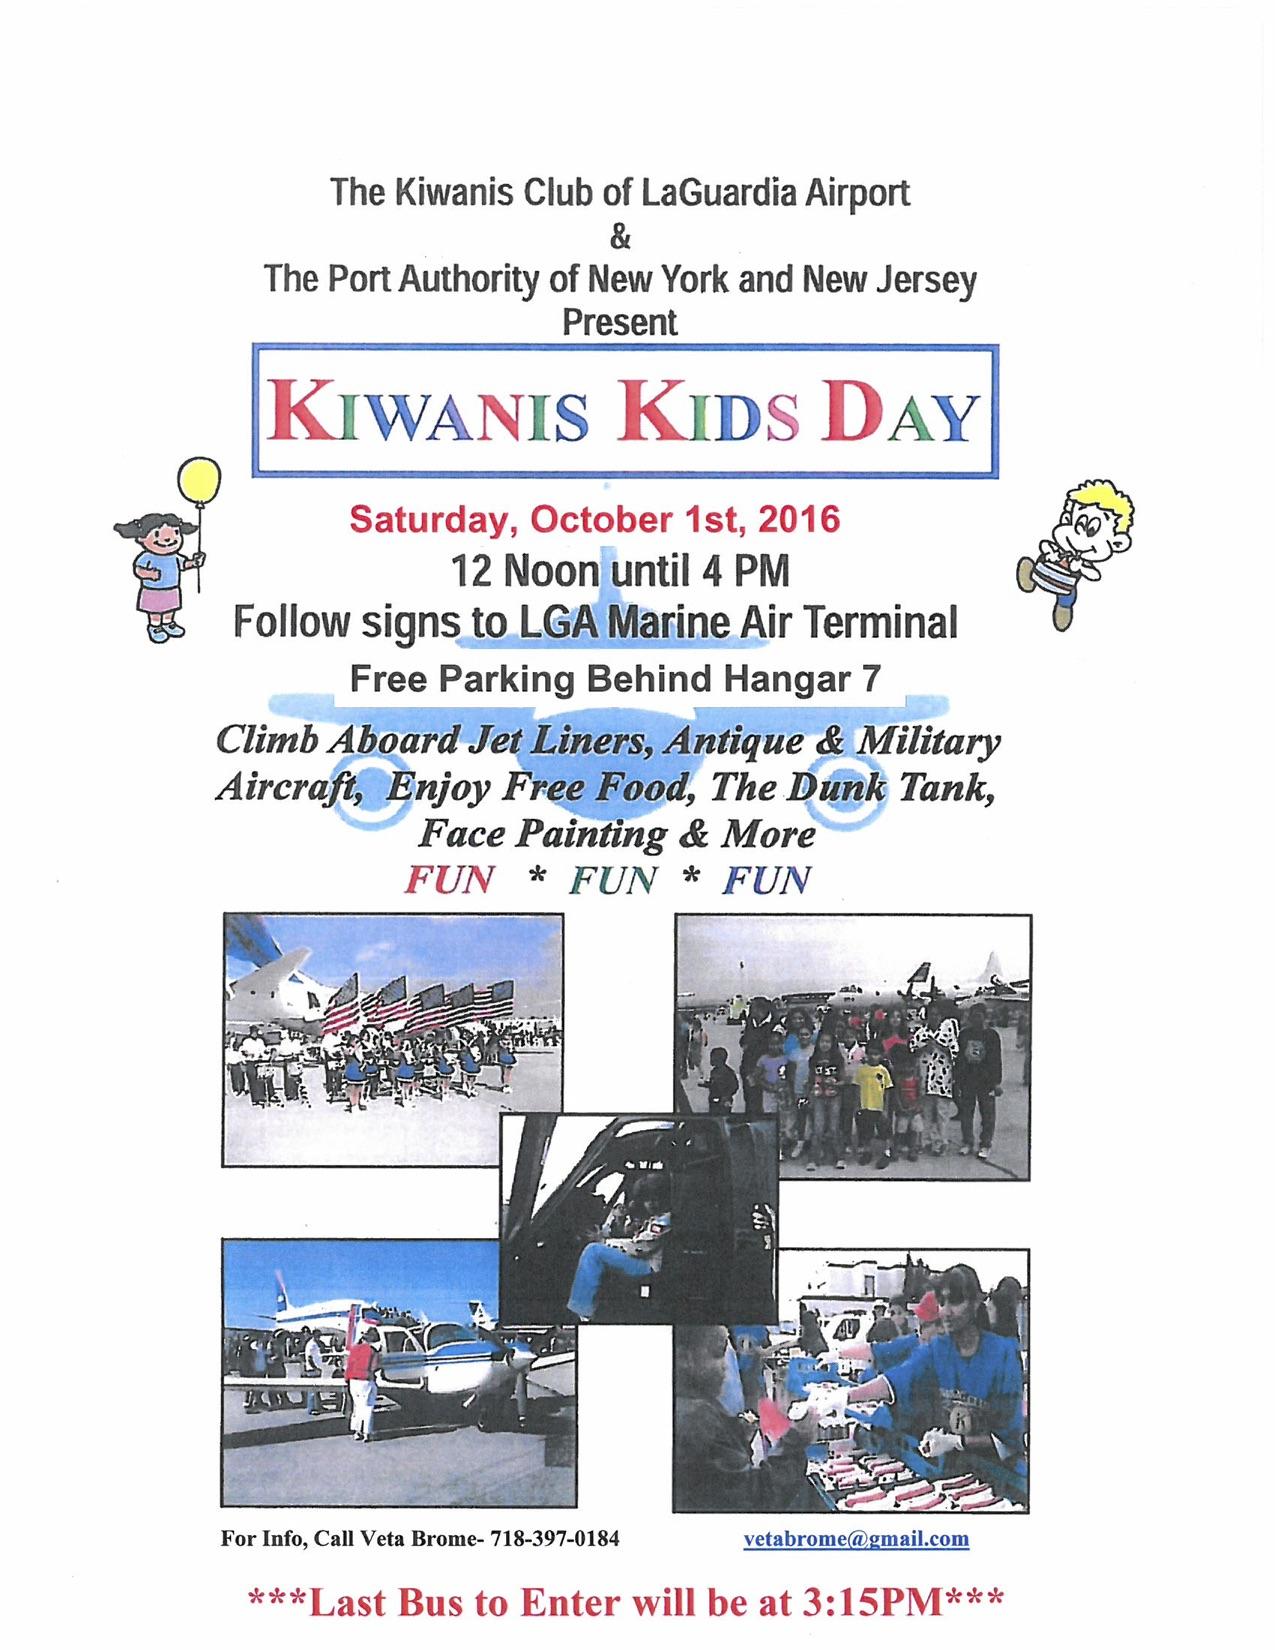 kids-day-lga-flyer-image